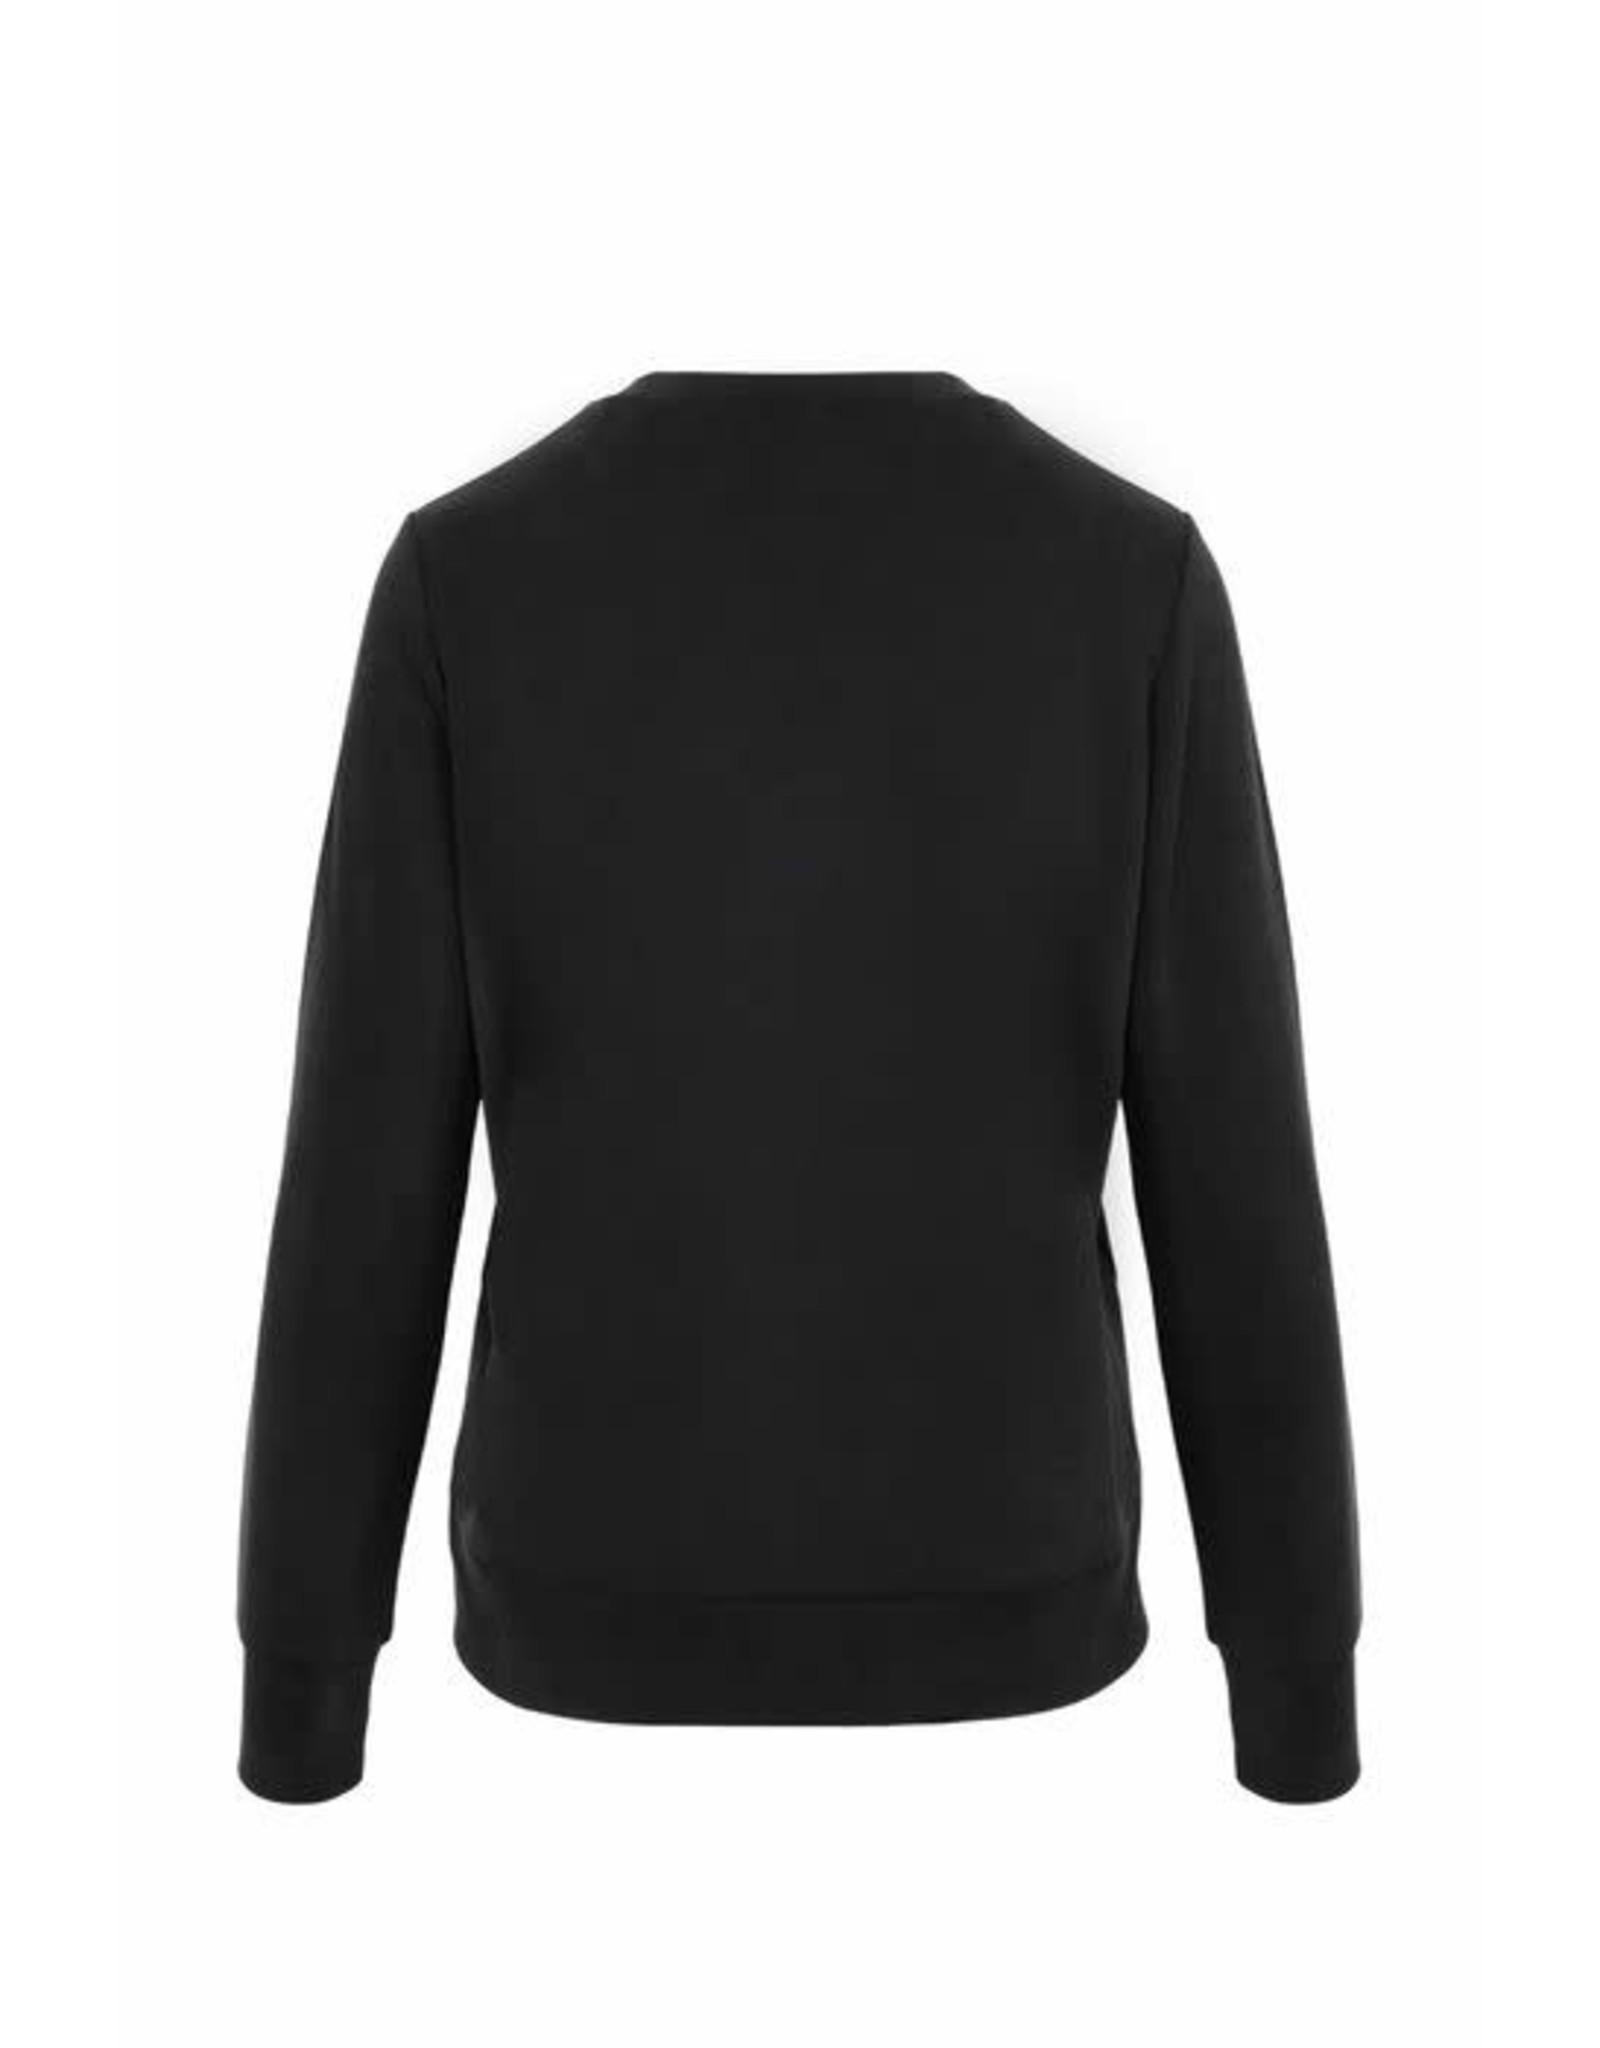 Zusss Zusss Fijne sweater off-black